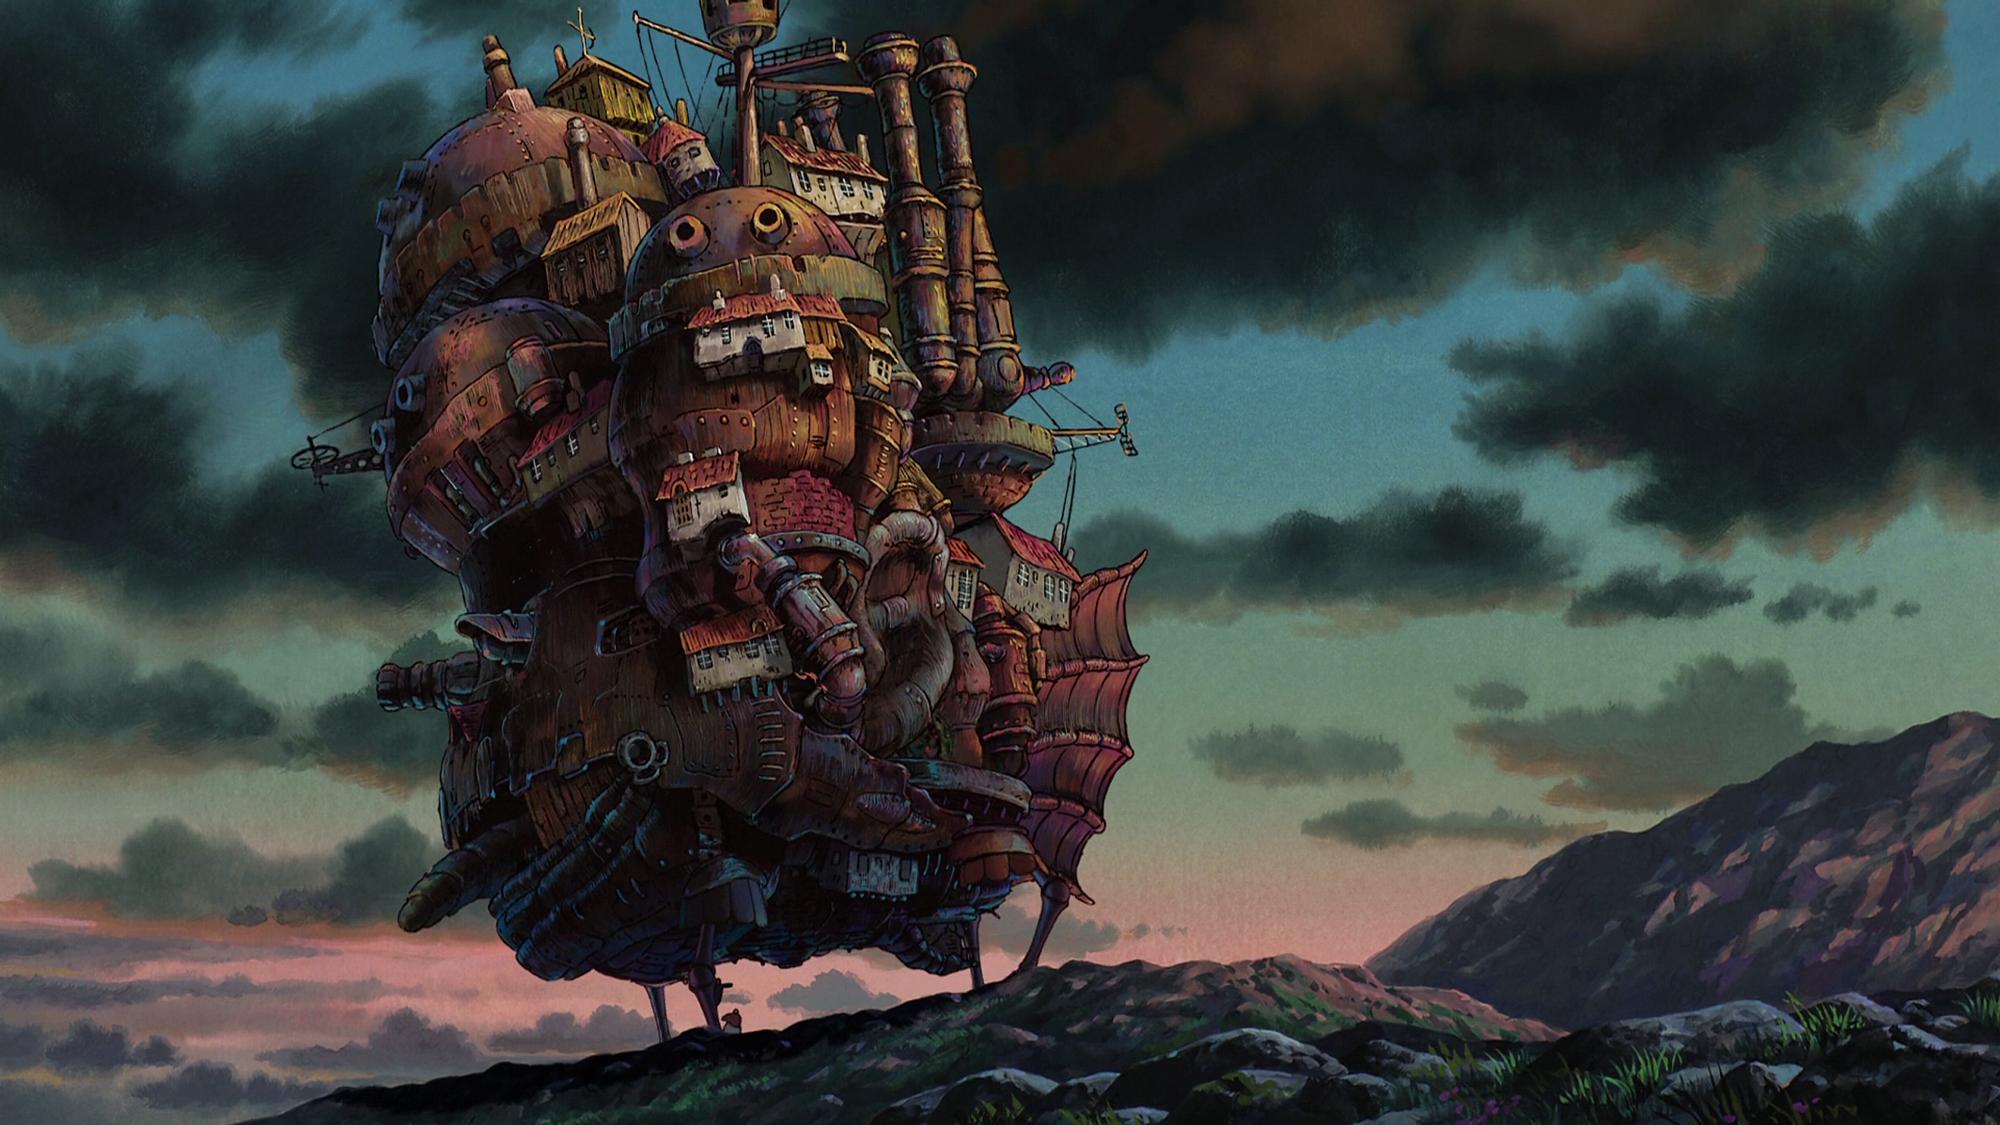 Pics Photos   Studio Ghibli Anime Movie Wallpapers Ghibli 2000x1125